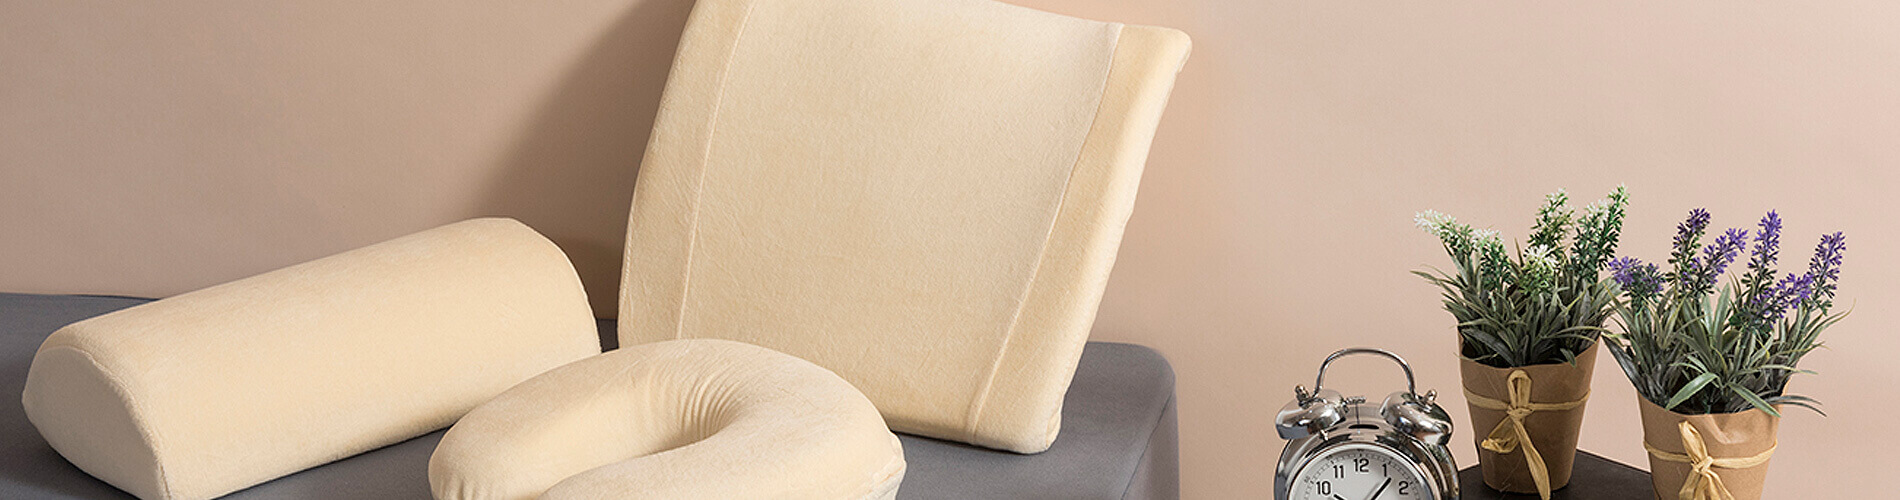 La almohadas soporte lumbar 100% calidad en colchones aznar